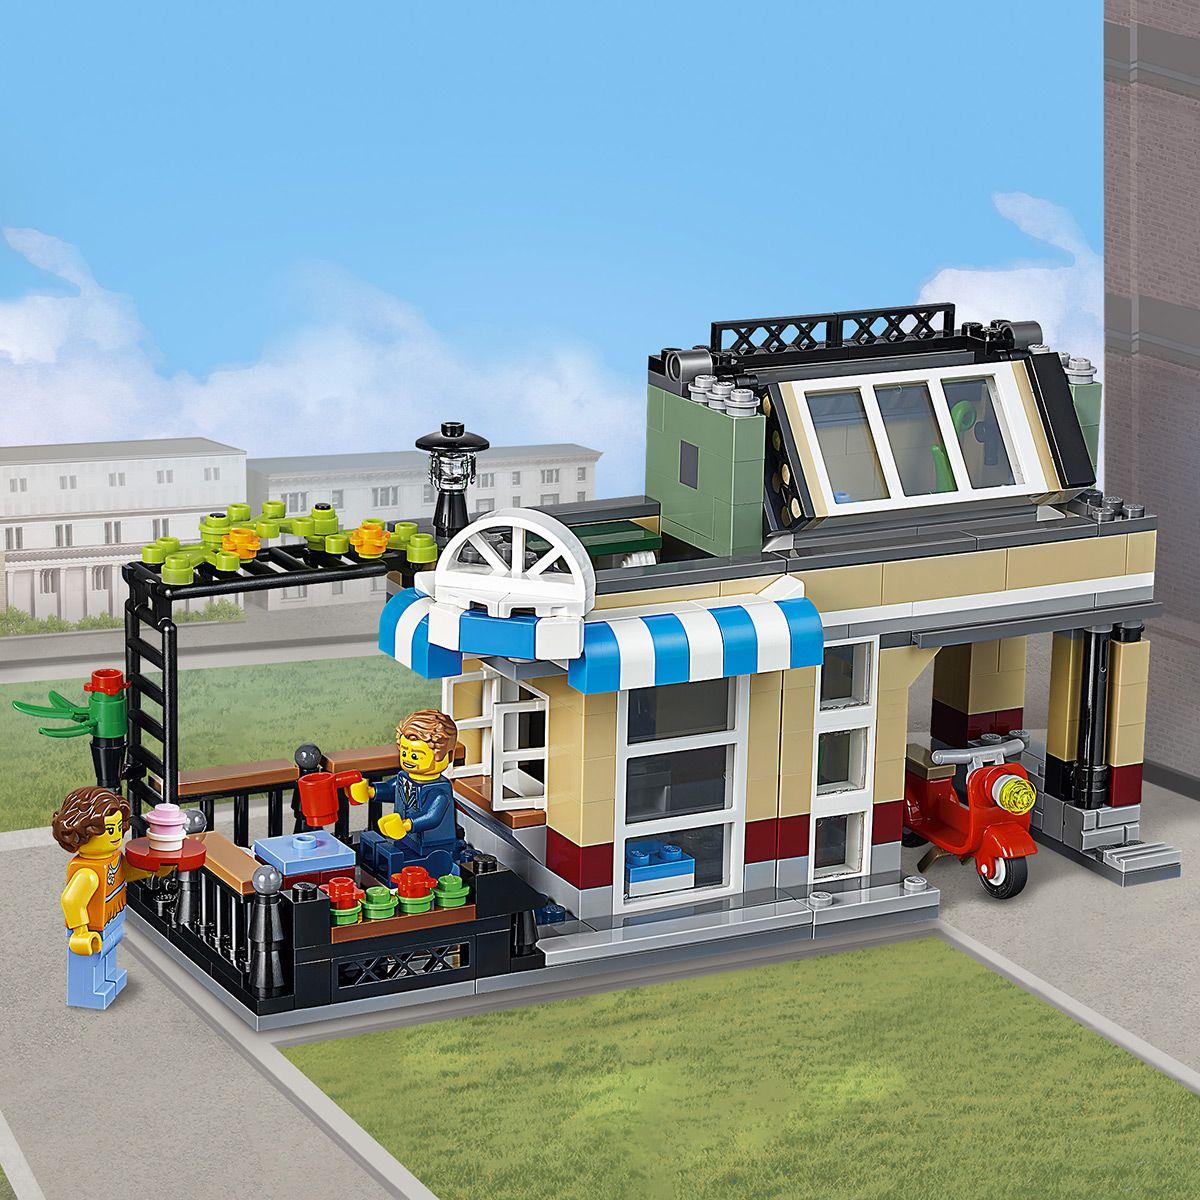 De 3 Univers La Maison Ville En Lego Et Creator 31065 1 2YWDEI9H